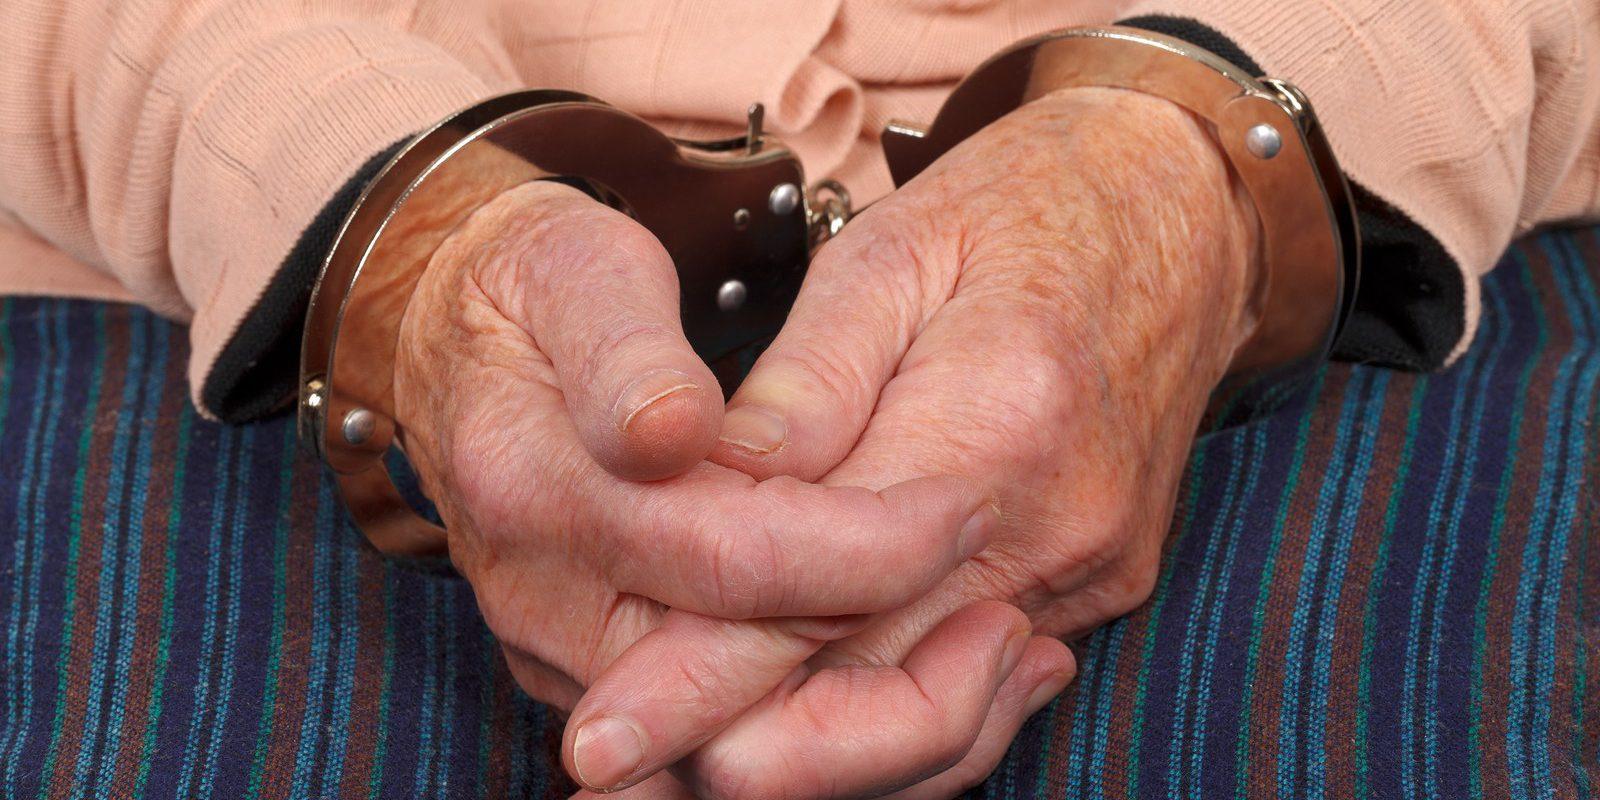 Mujer dejó a su hija con su padre acosador: Abusó de ella durante más de un año